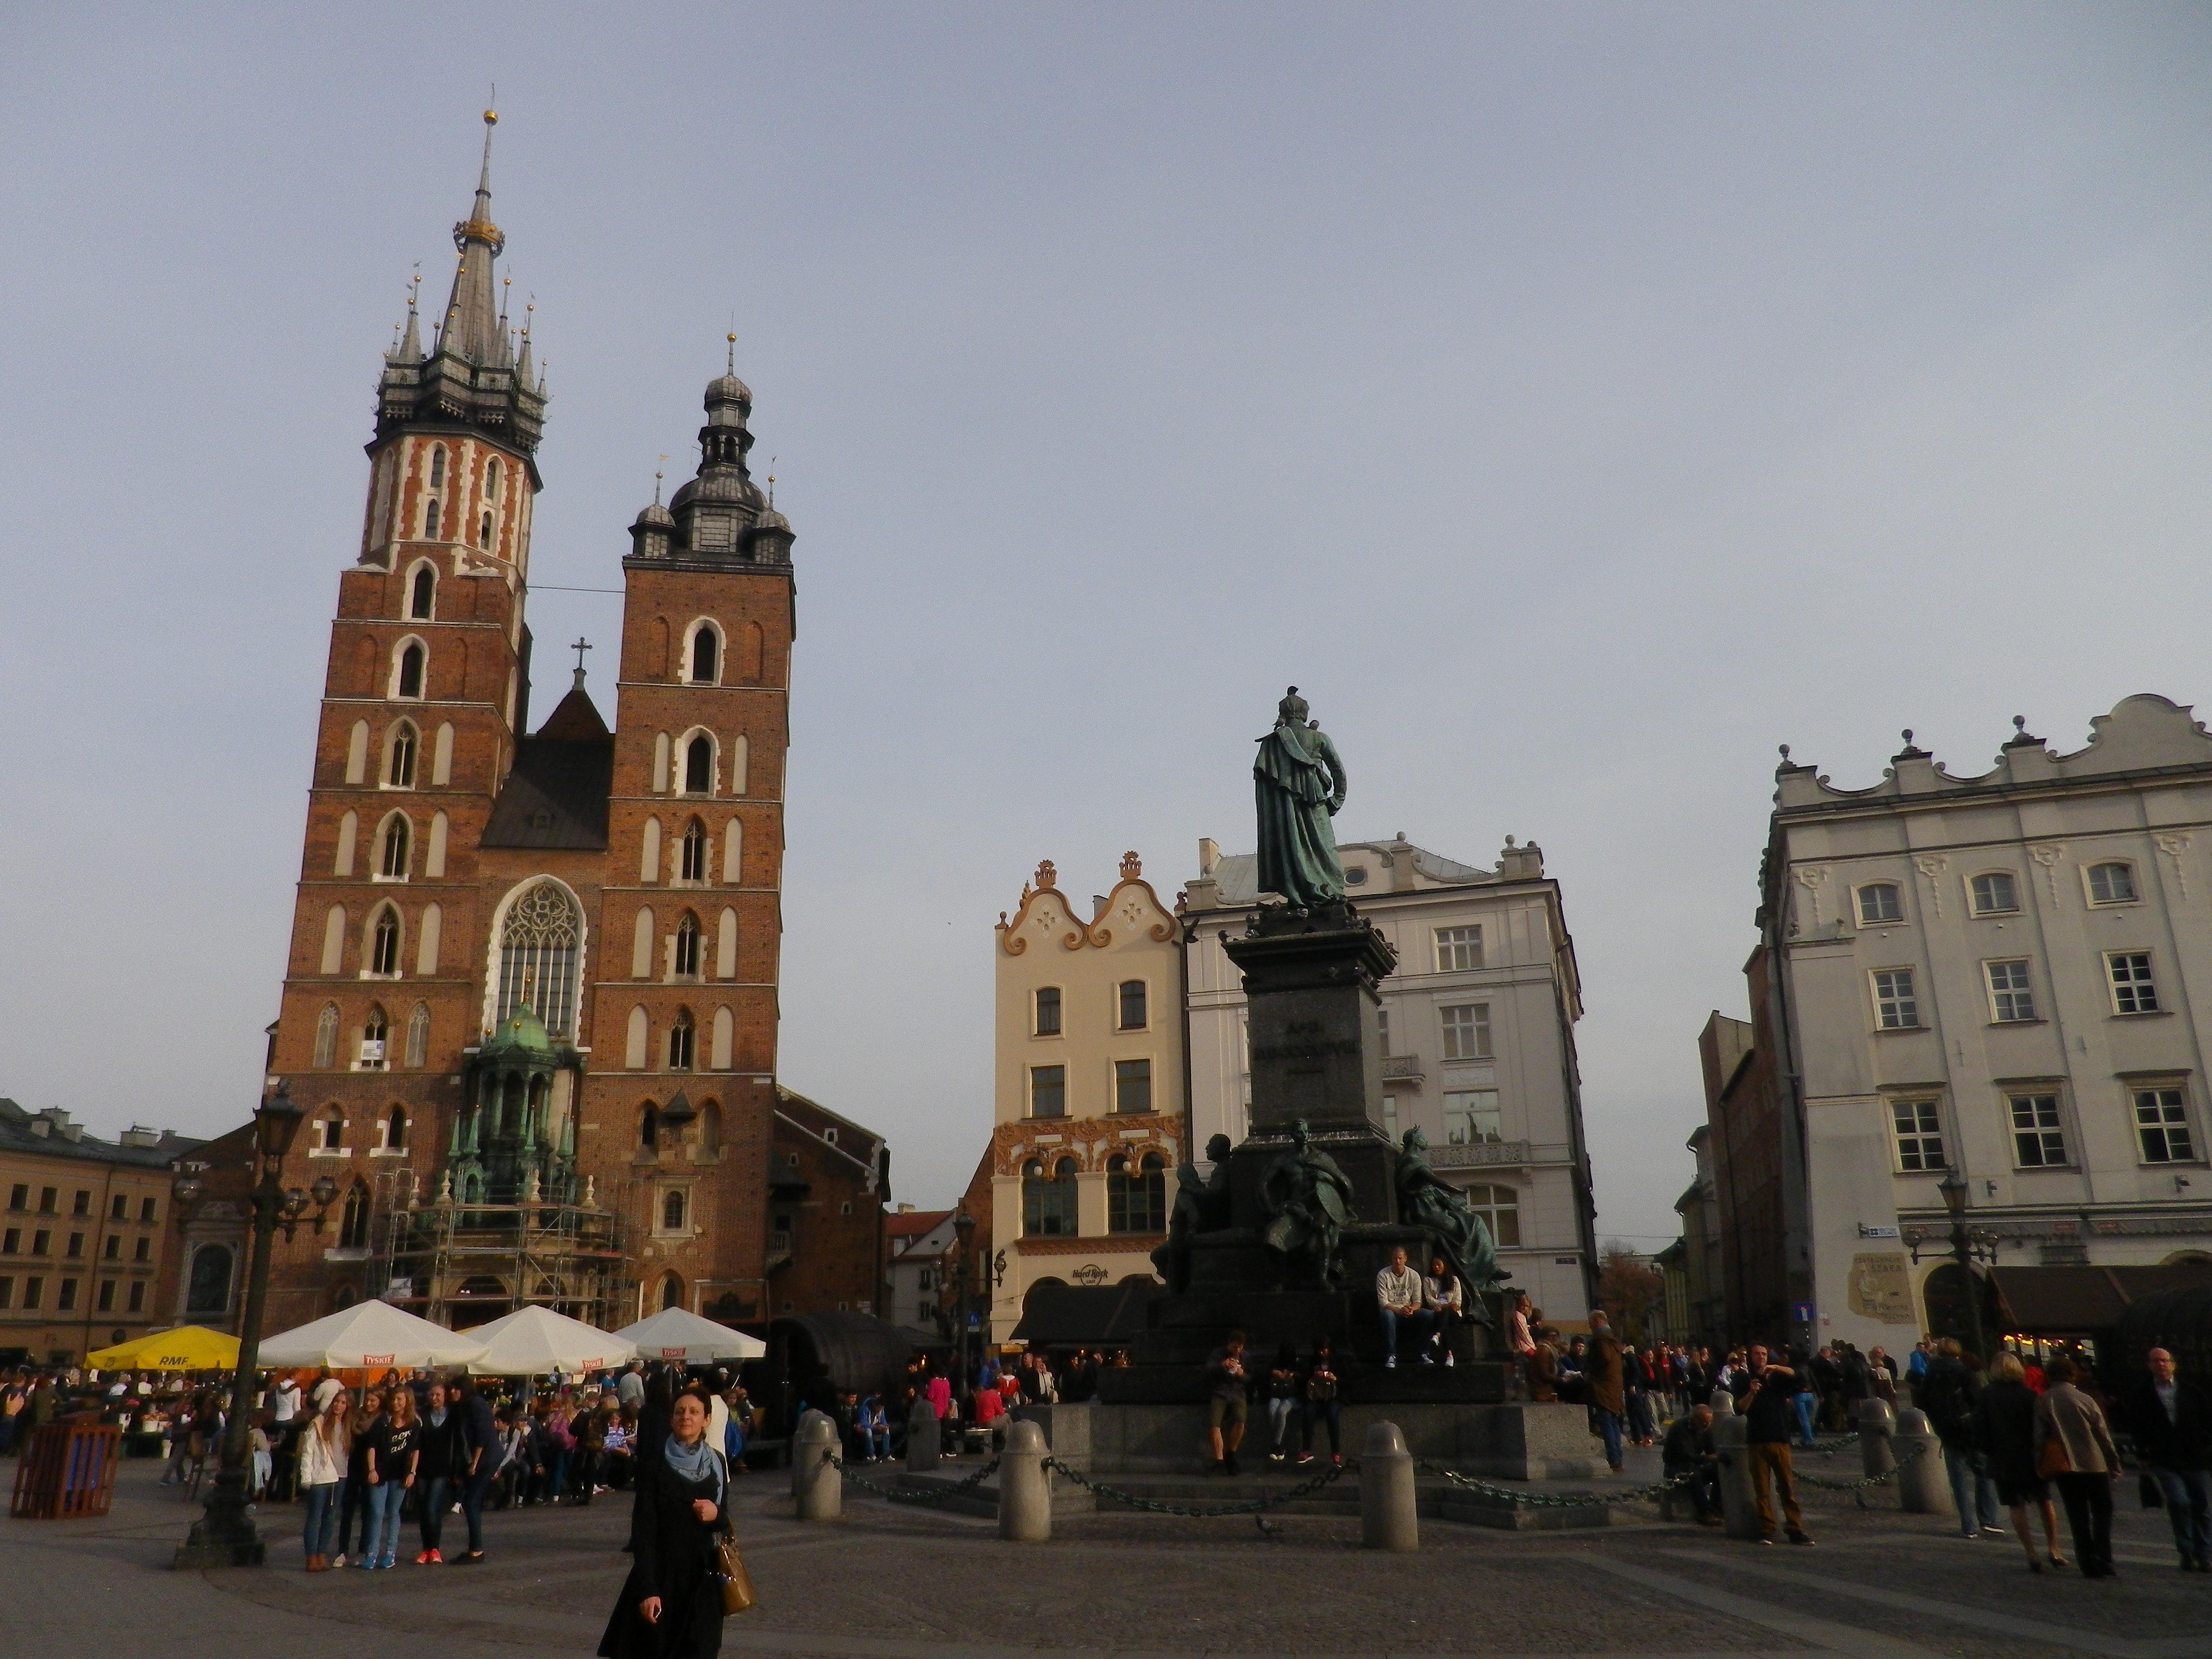 rencontres Cracovie Pologne l'esprit d'ingénierie datant